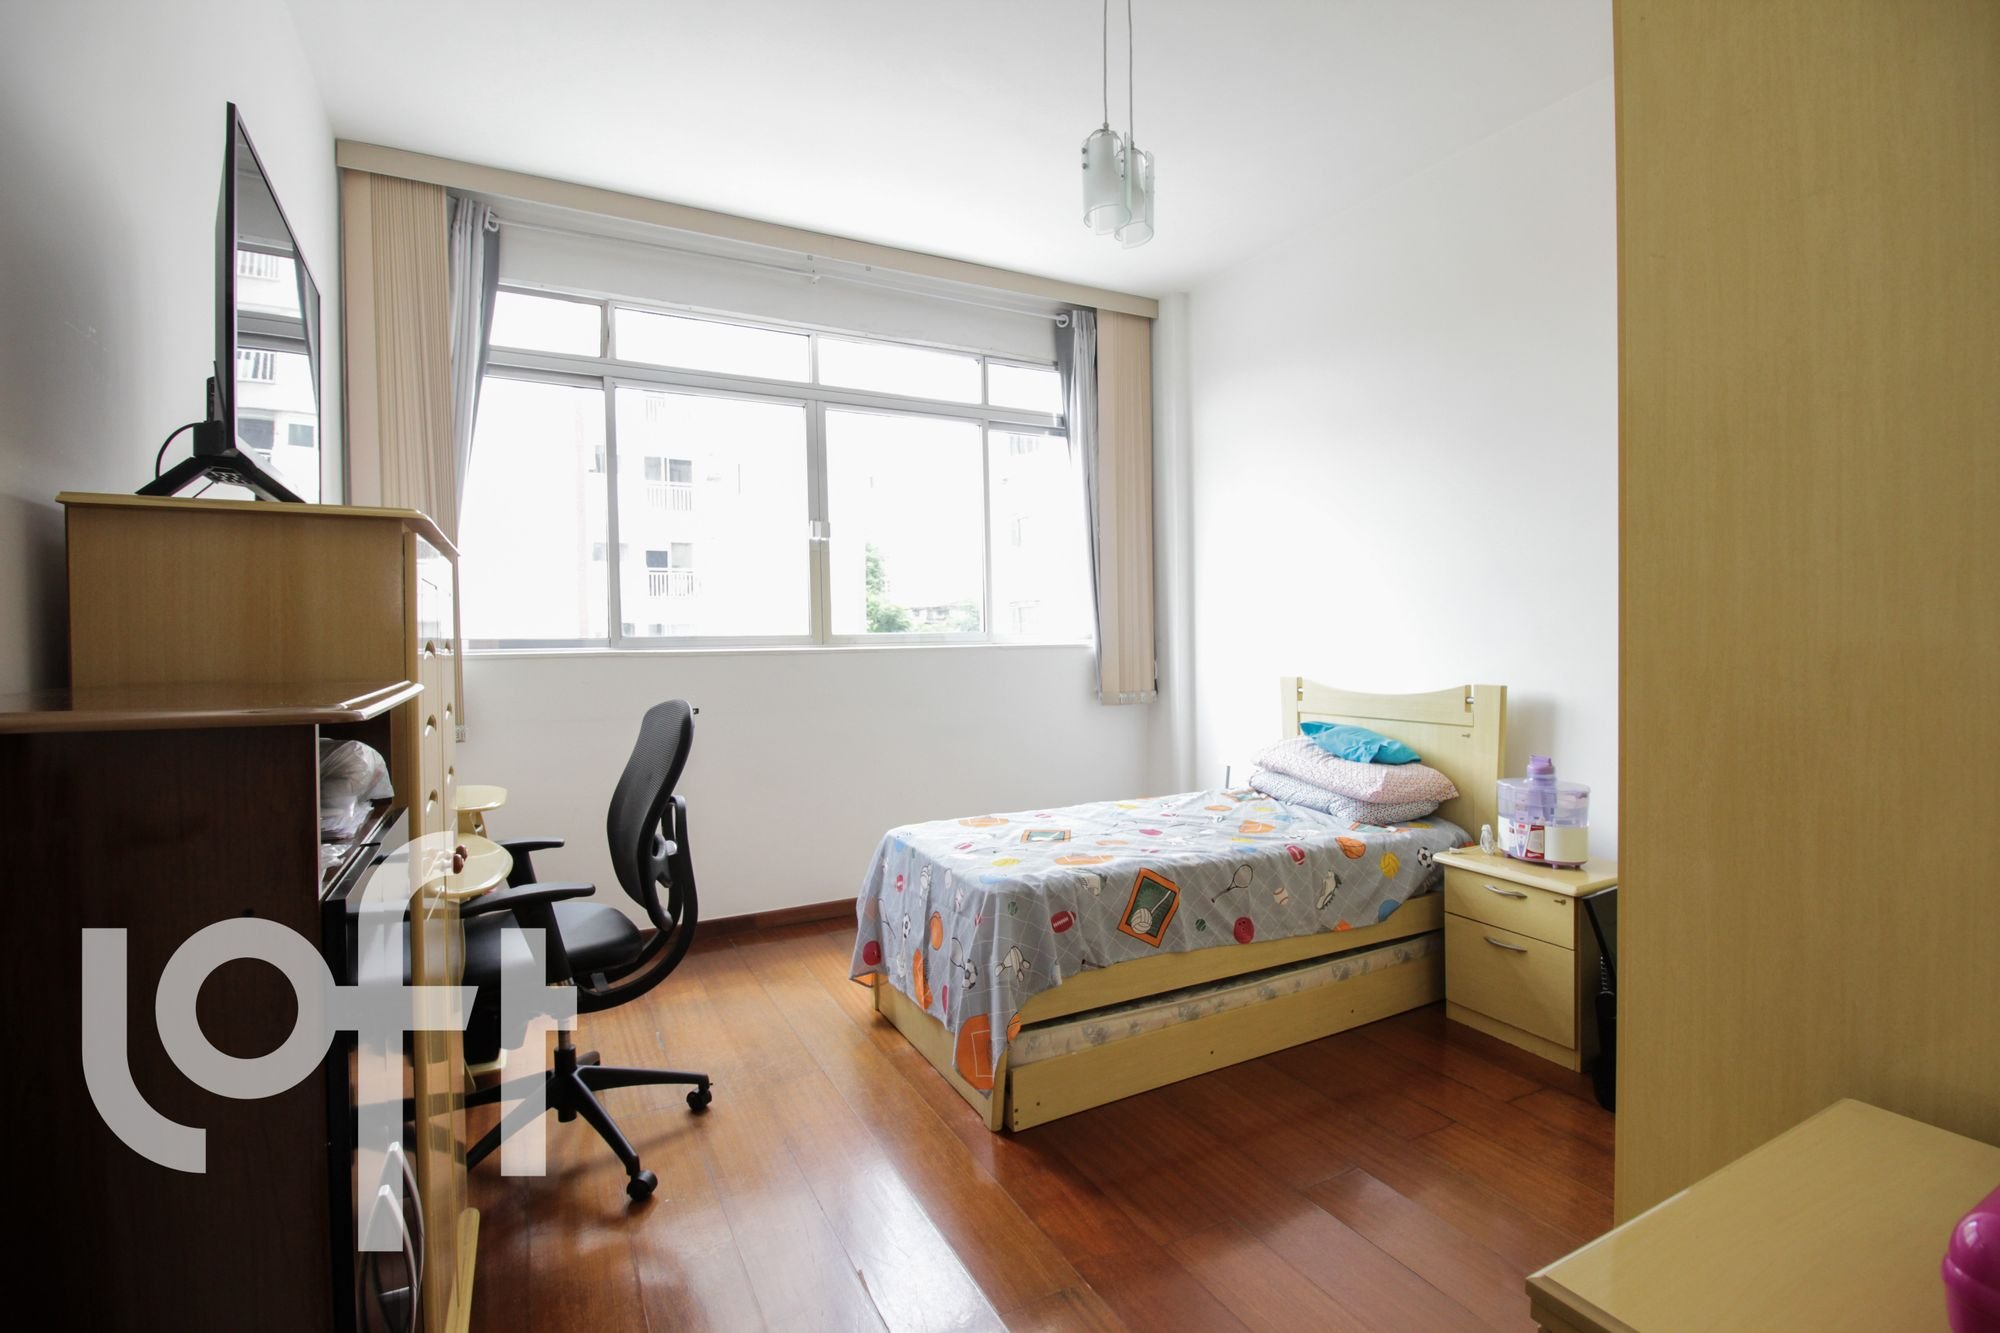 Foto de Quarto com cama, garrafa, cadeira, mesa de jantar